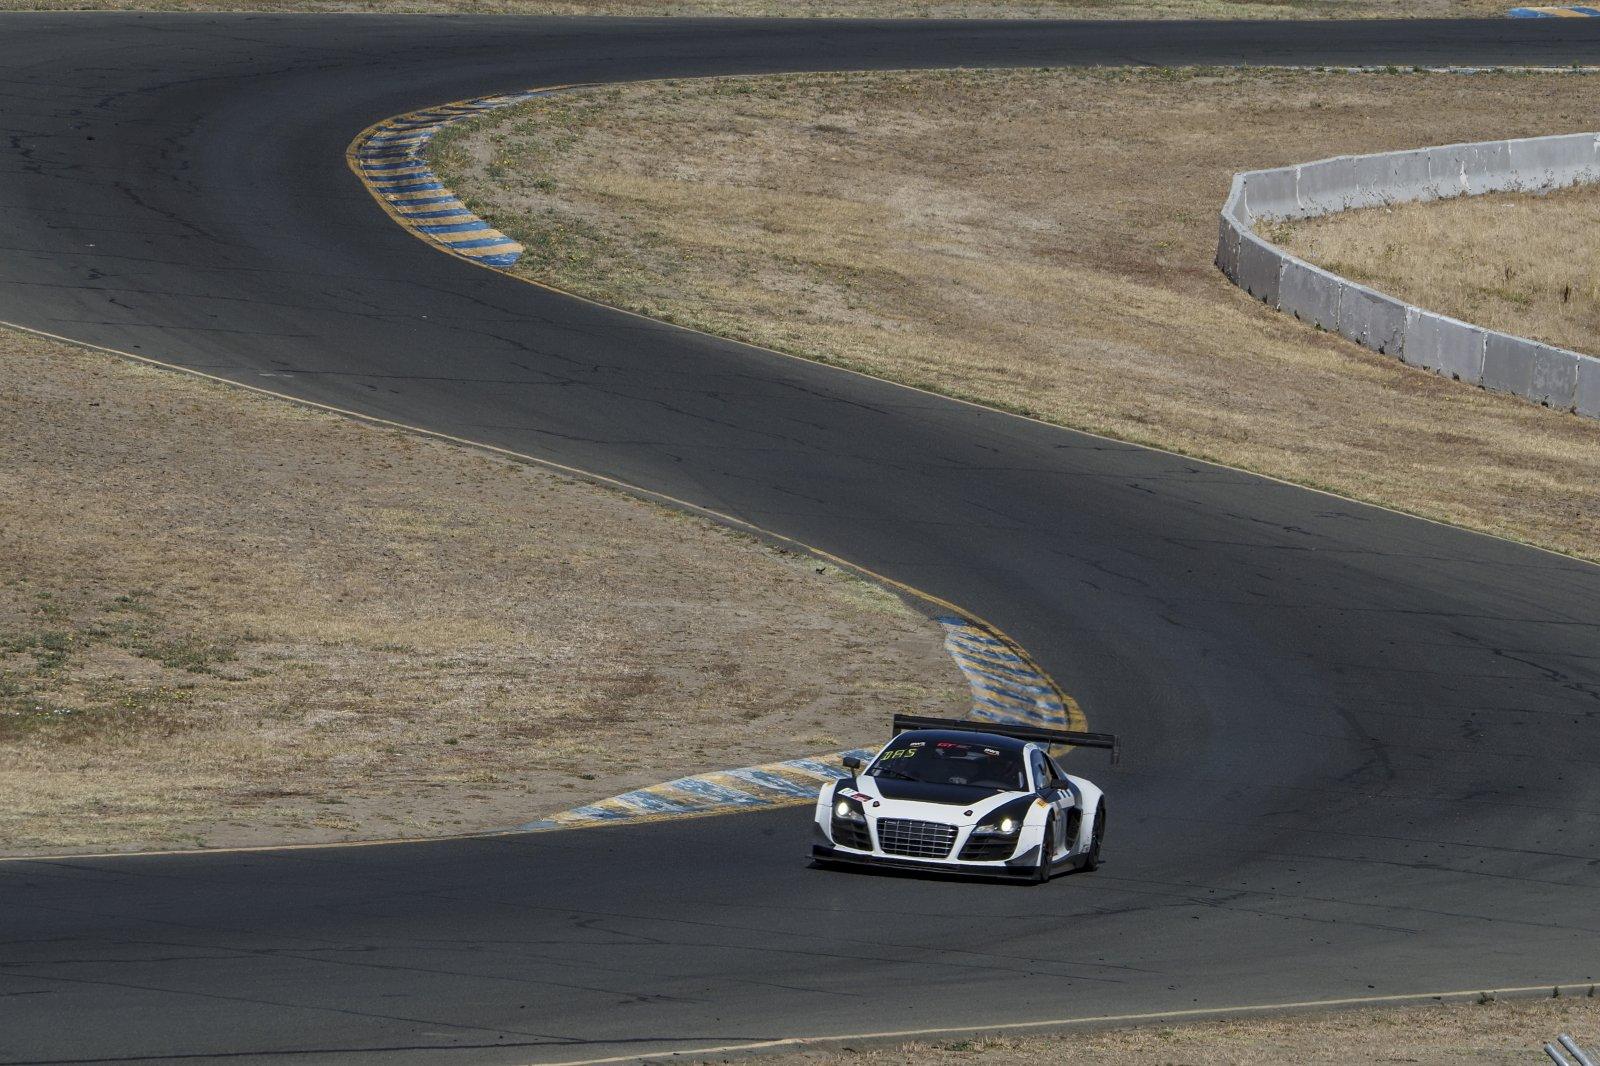 SRO America, Sonoma Raceway, Sonoma CA, Aug 2020.